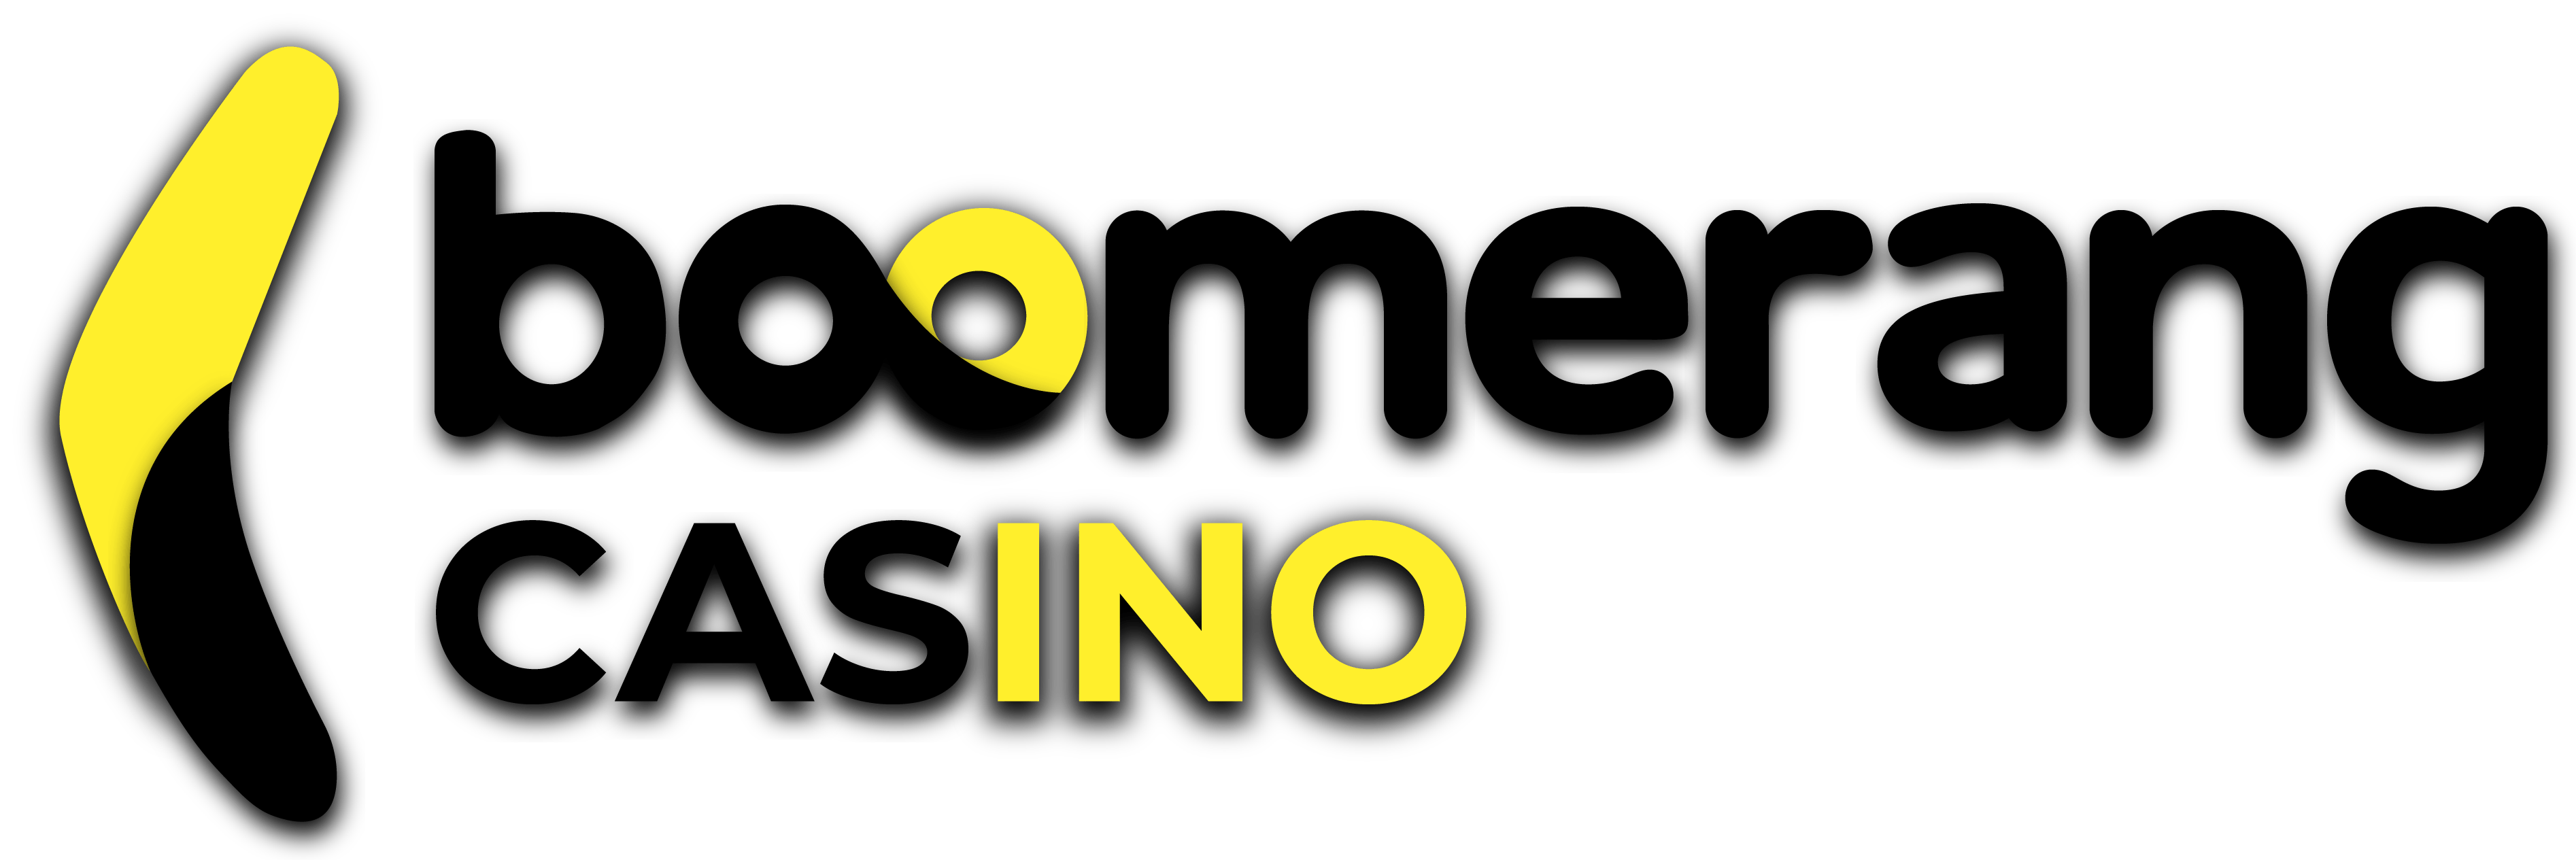 Boomerang Casino Online